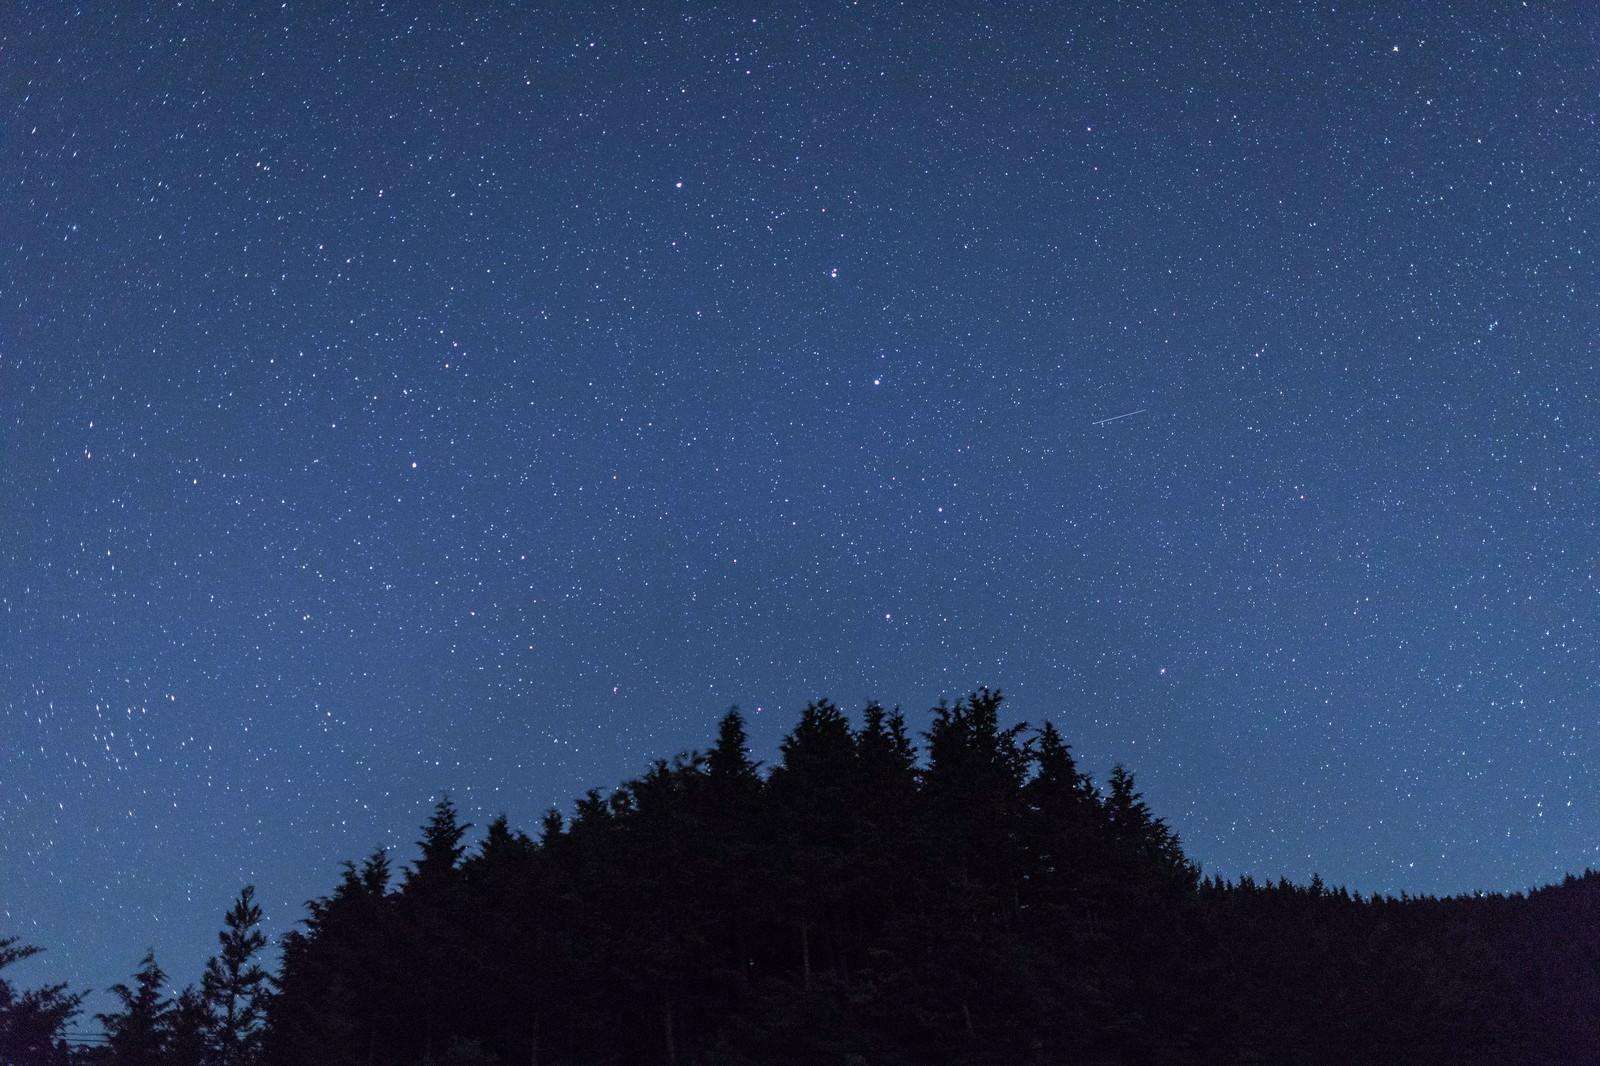 「鏡野町笠菅峠からの星空と流星」の写真